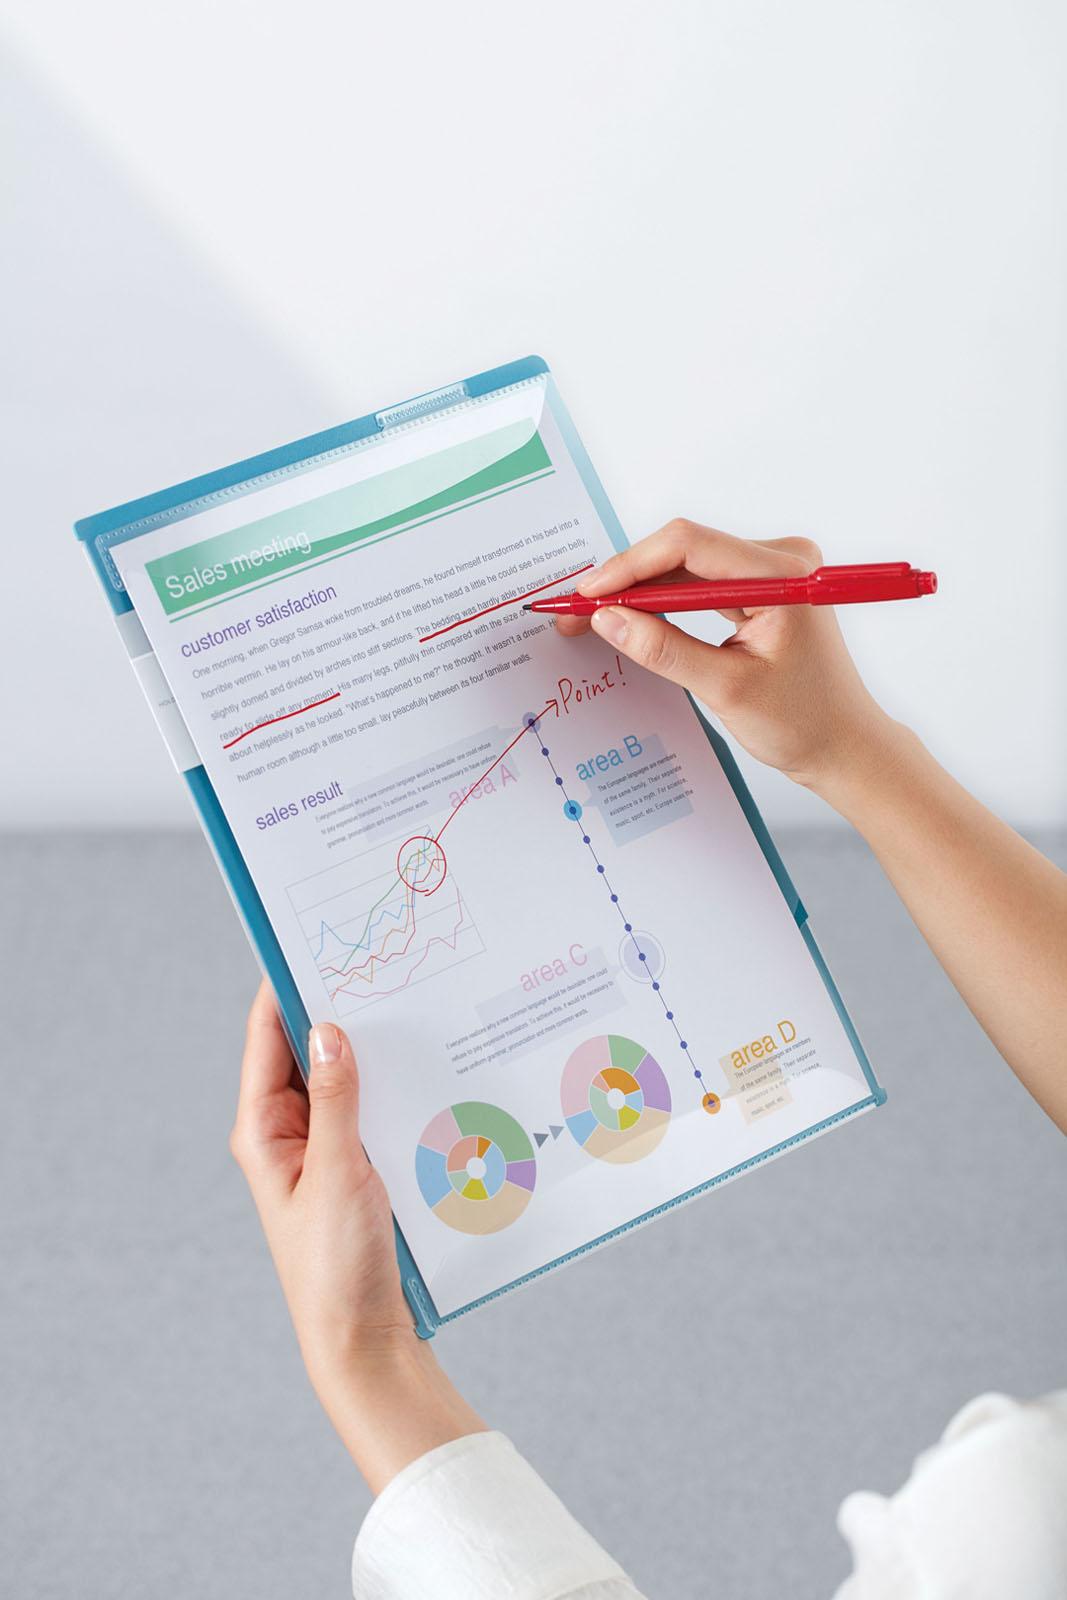 ↑表紙には、立ったままでも書き込みやすいよう、厚みのある素材を使用。ペンホルダーも備え、これだけあればすぐにメモを取れる。フラップはアーチ型で、書類を挟みやすい